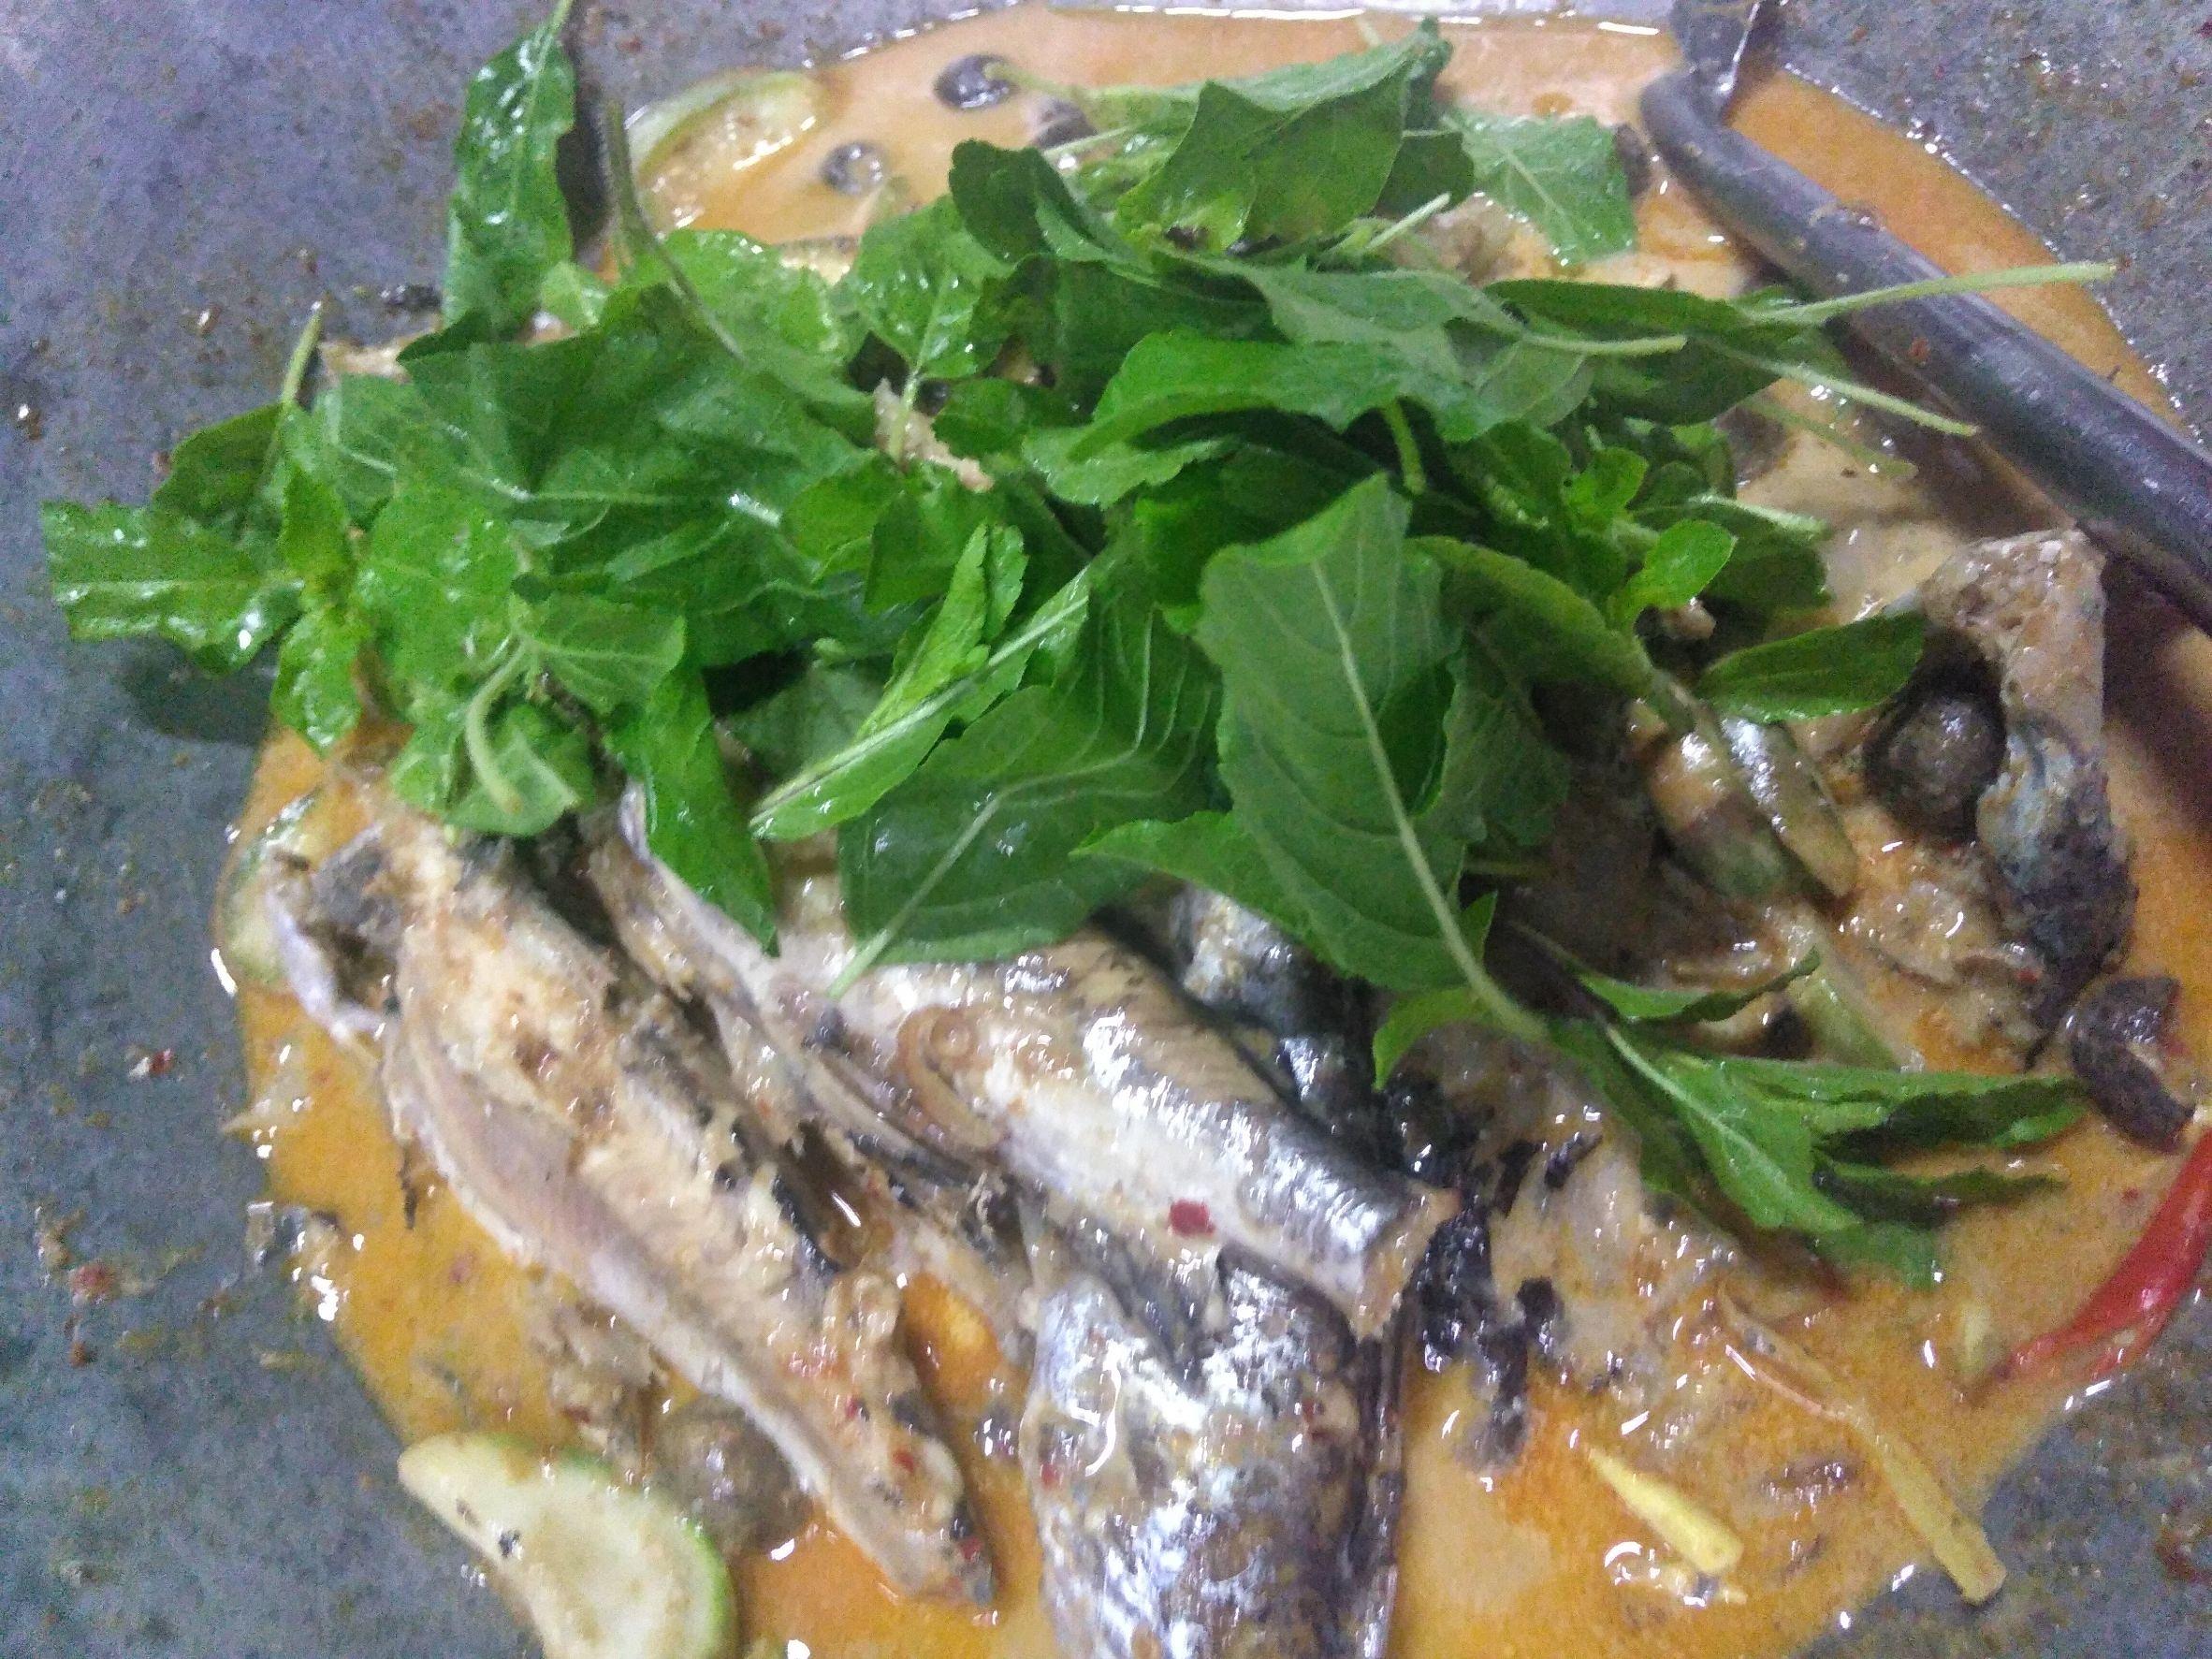 แกงปลากดทะเลใส่เห็ดเผาะ